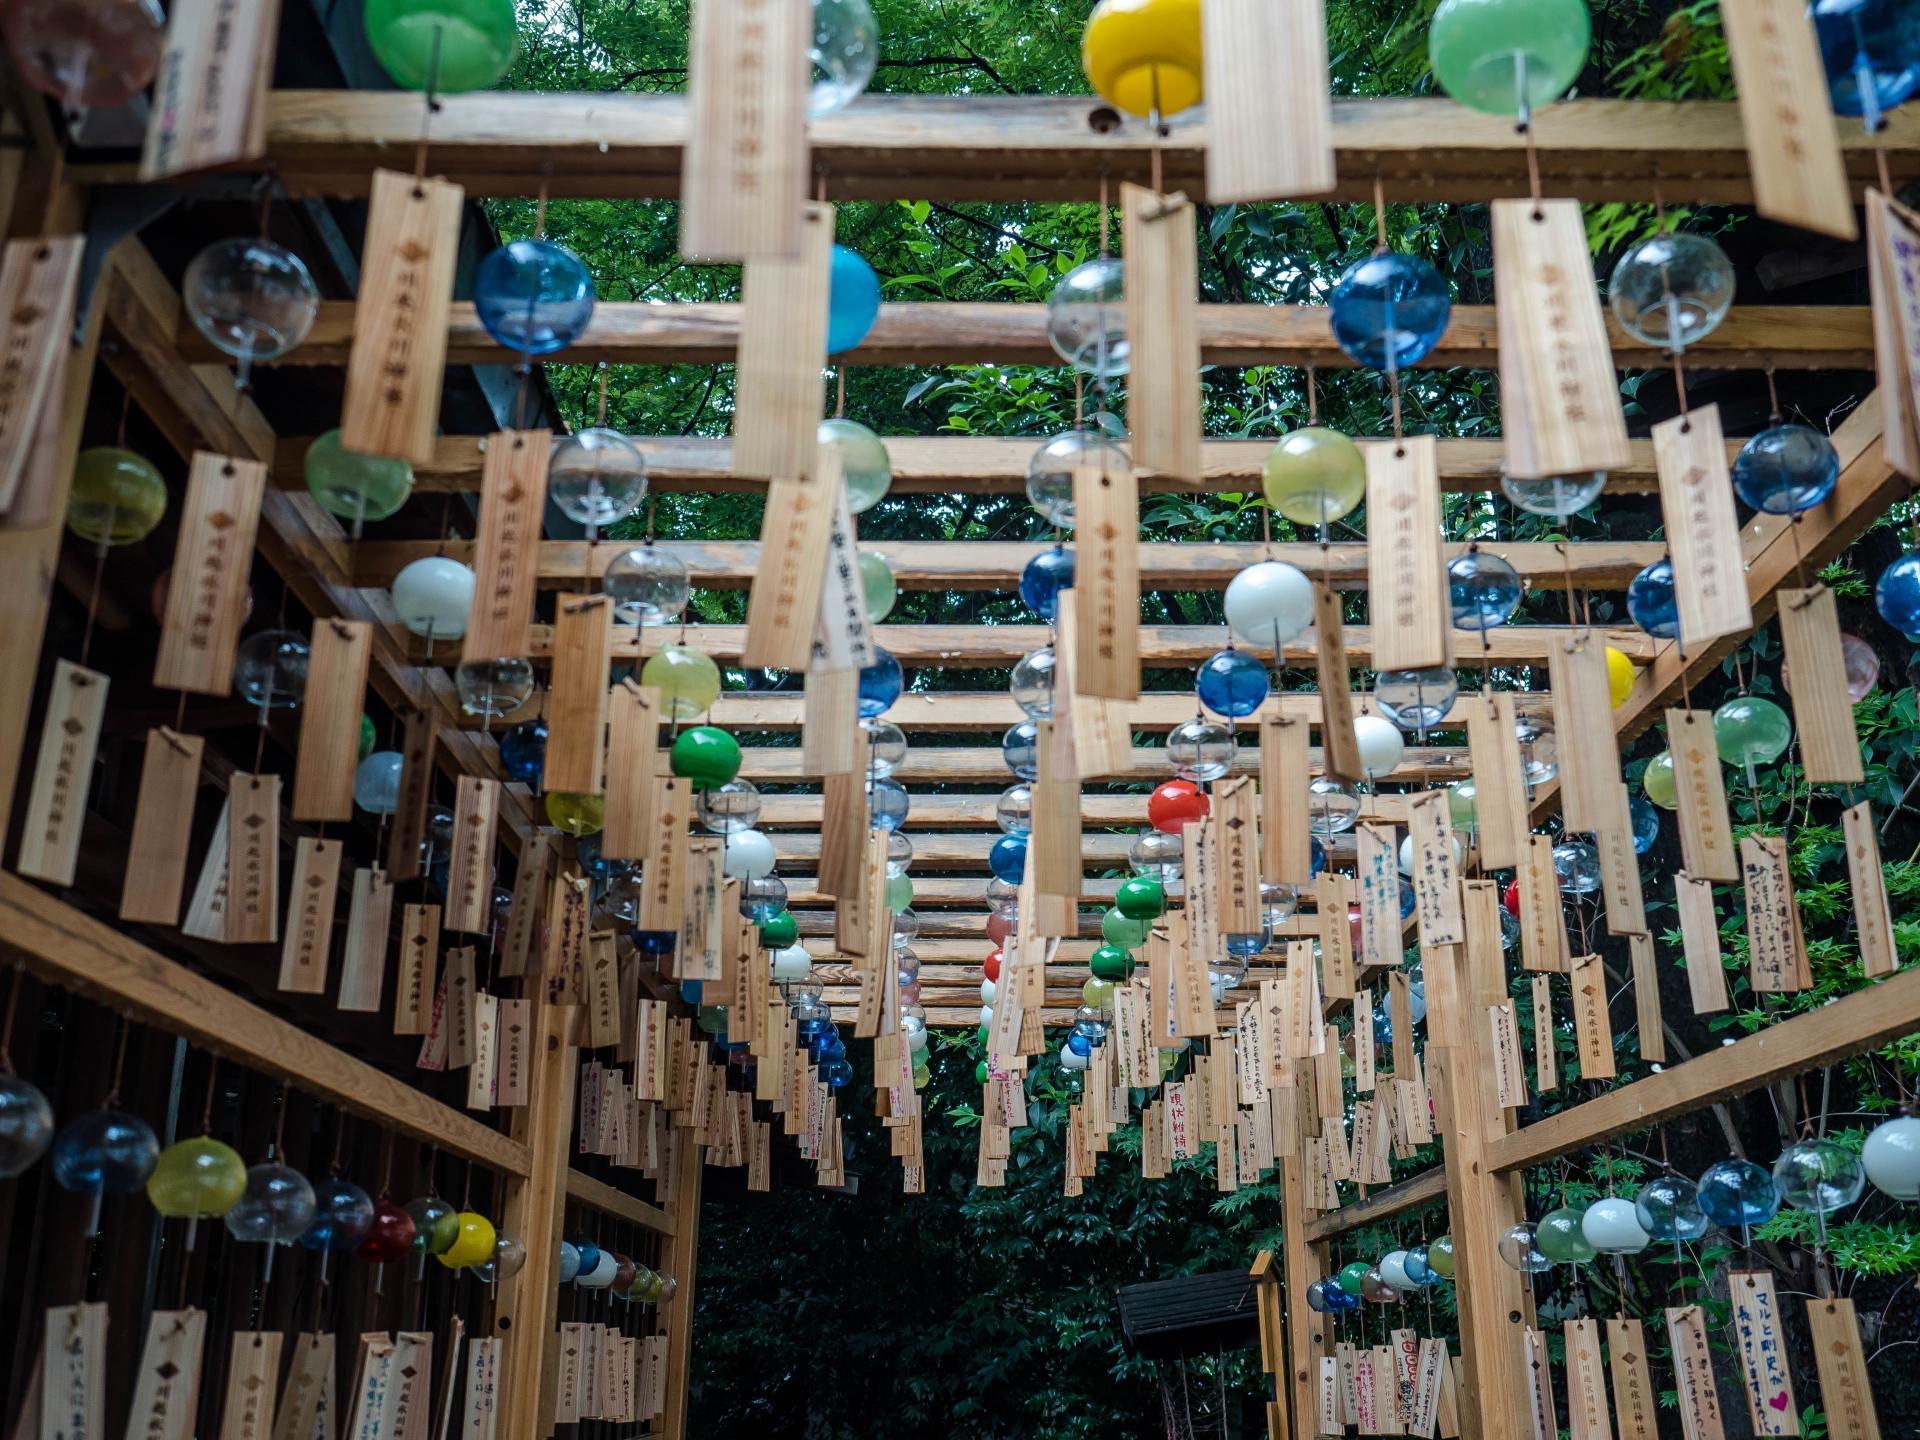 川越氷川神社の御朱印情報!貰える時間や限定種類・値段・サイズも紹介